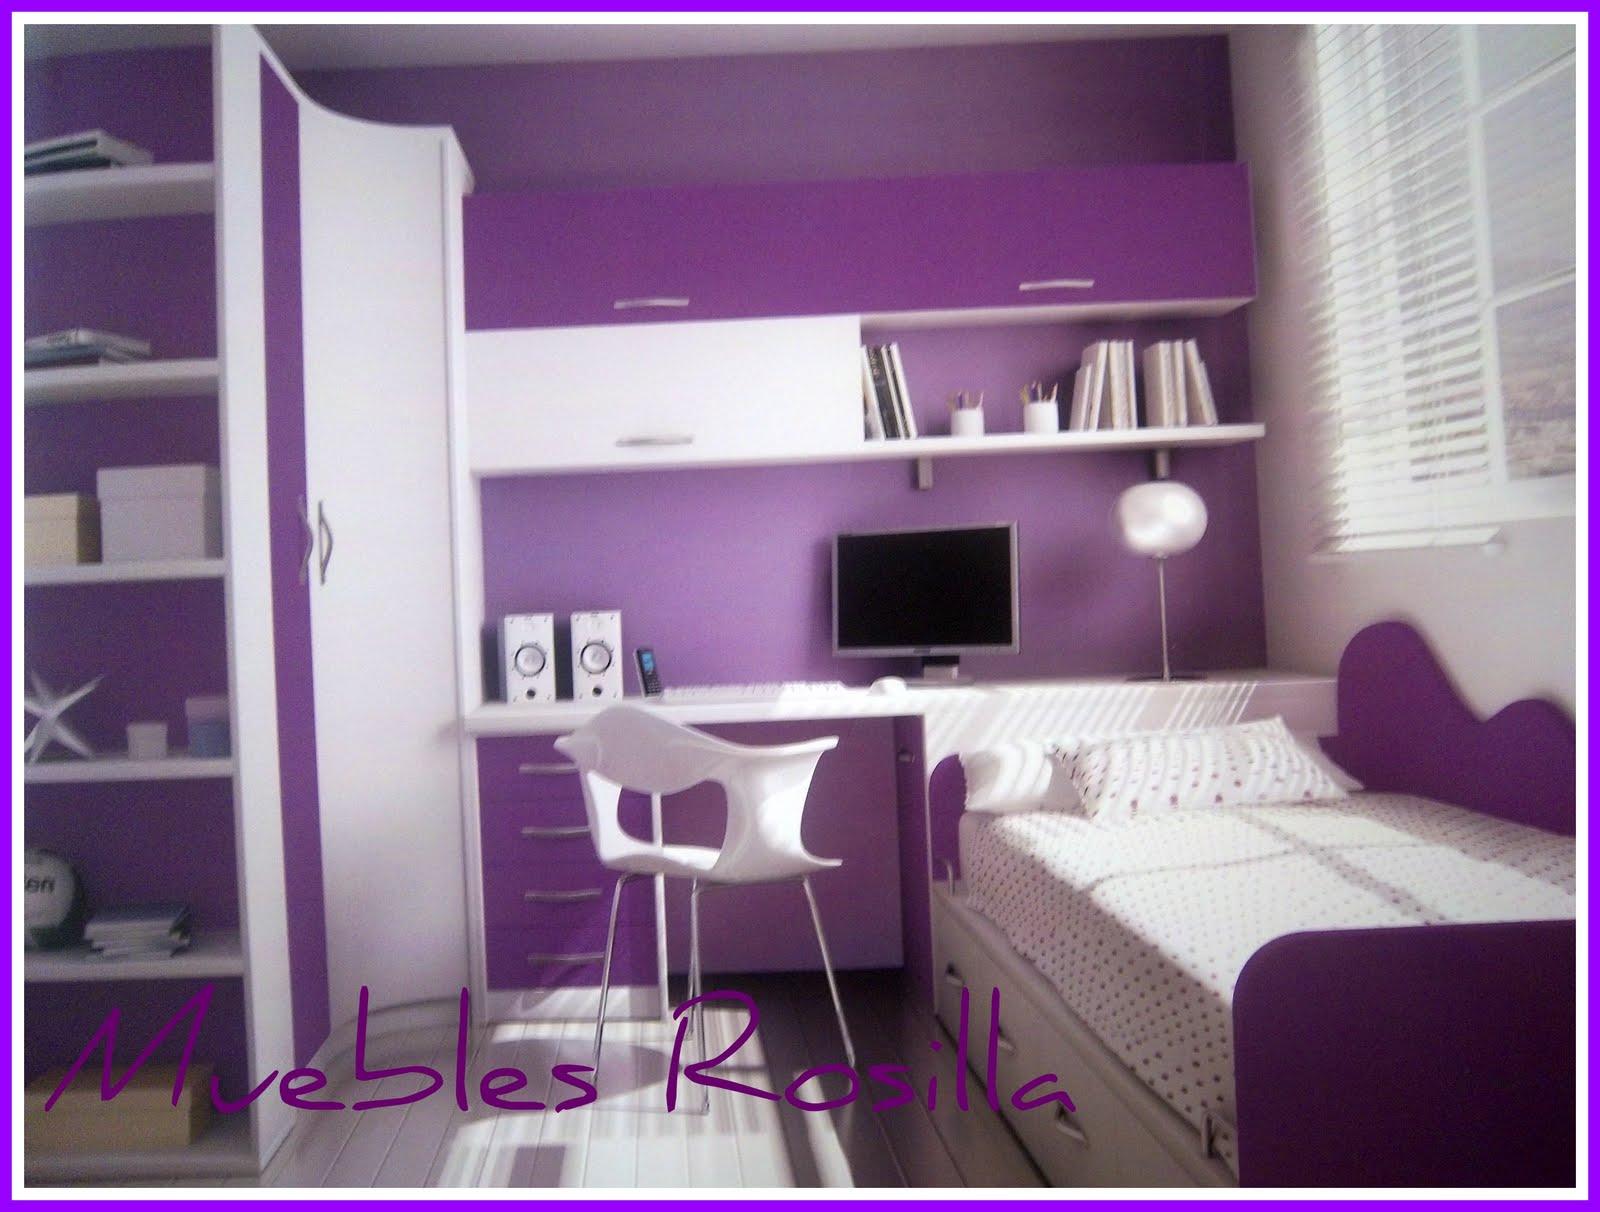 Muebles rosilla herv s dormitorios juveniles for Muebles briole dormitorios juveniles